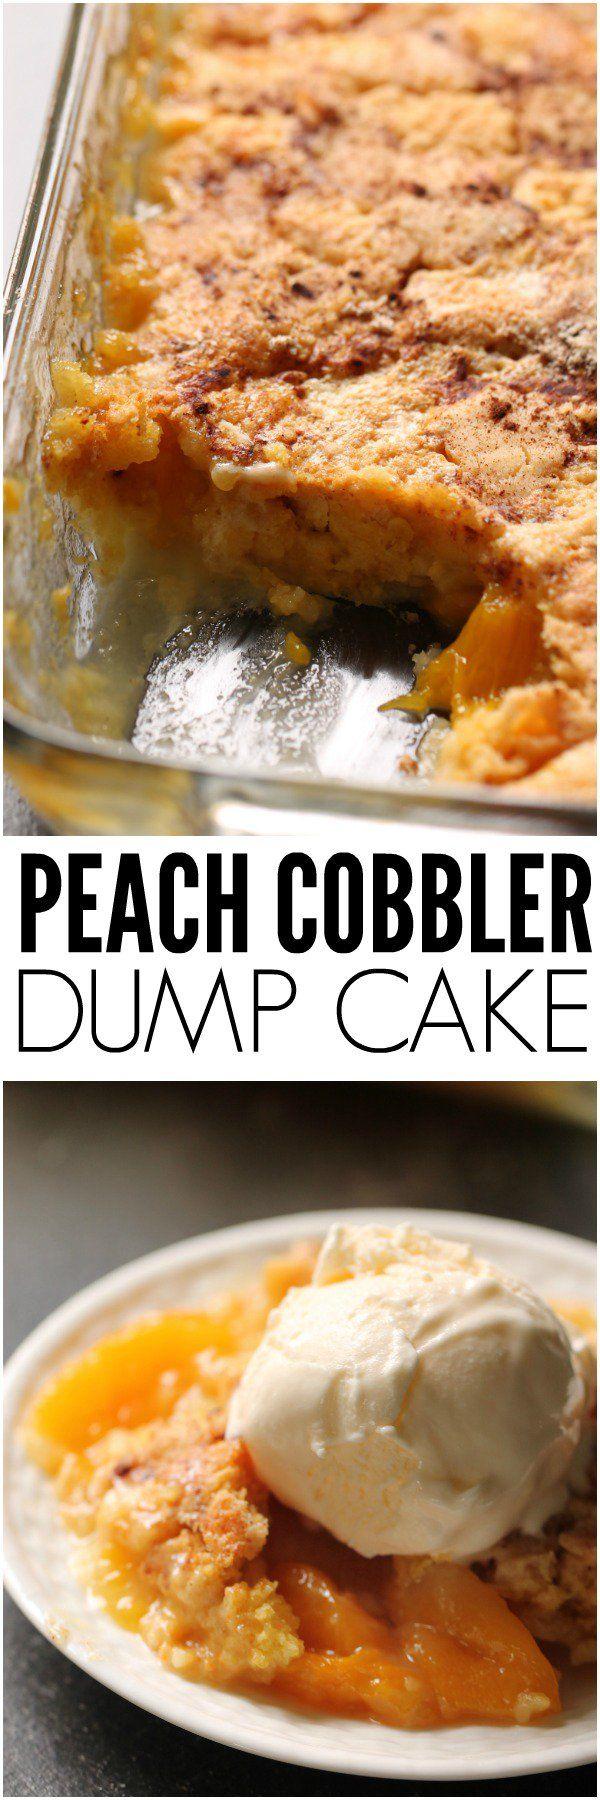 Peach Cobbler Dump Cake Recipe – Six Sisters' Stuff